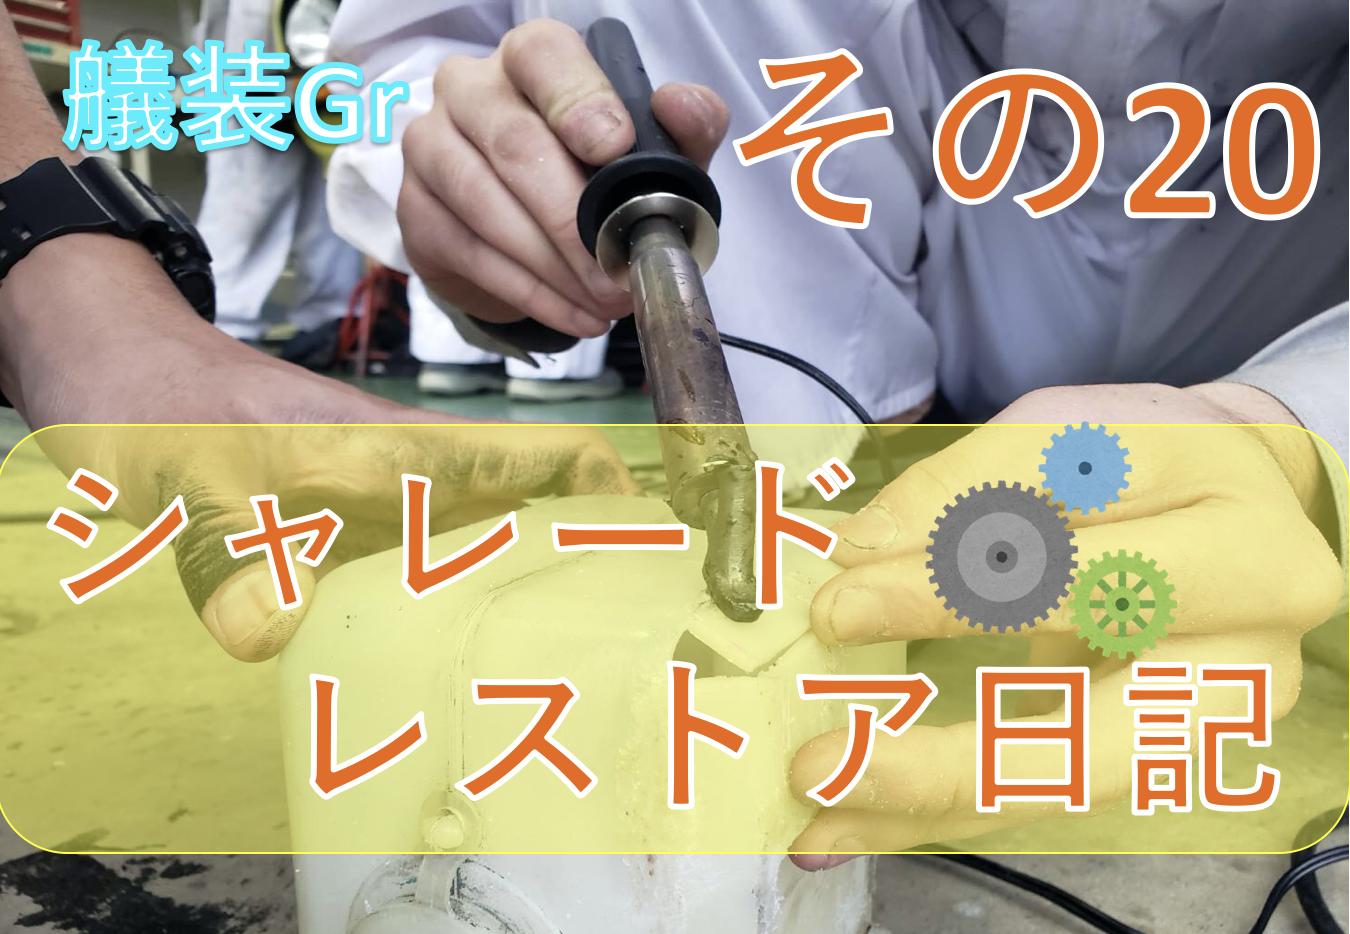 ・シャレード レストア日記 その20 — 艤装-vol.2